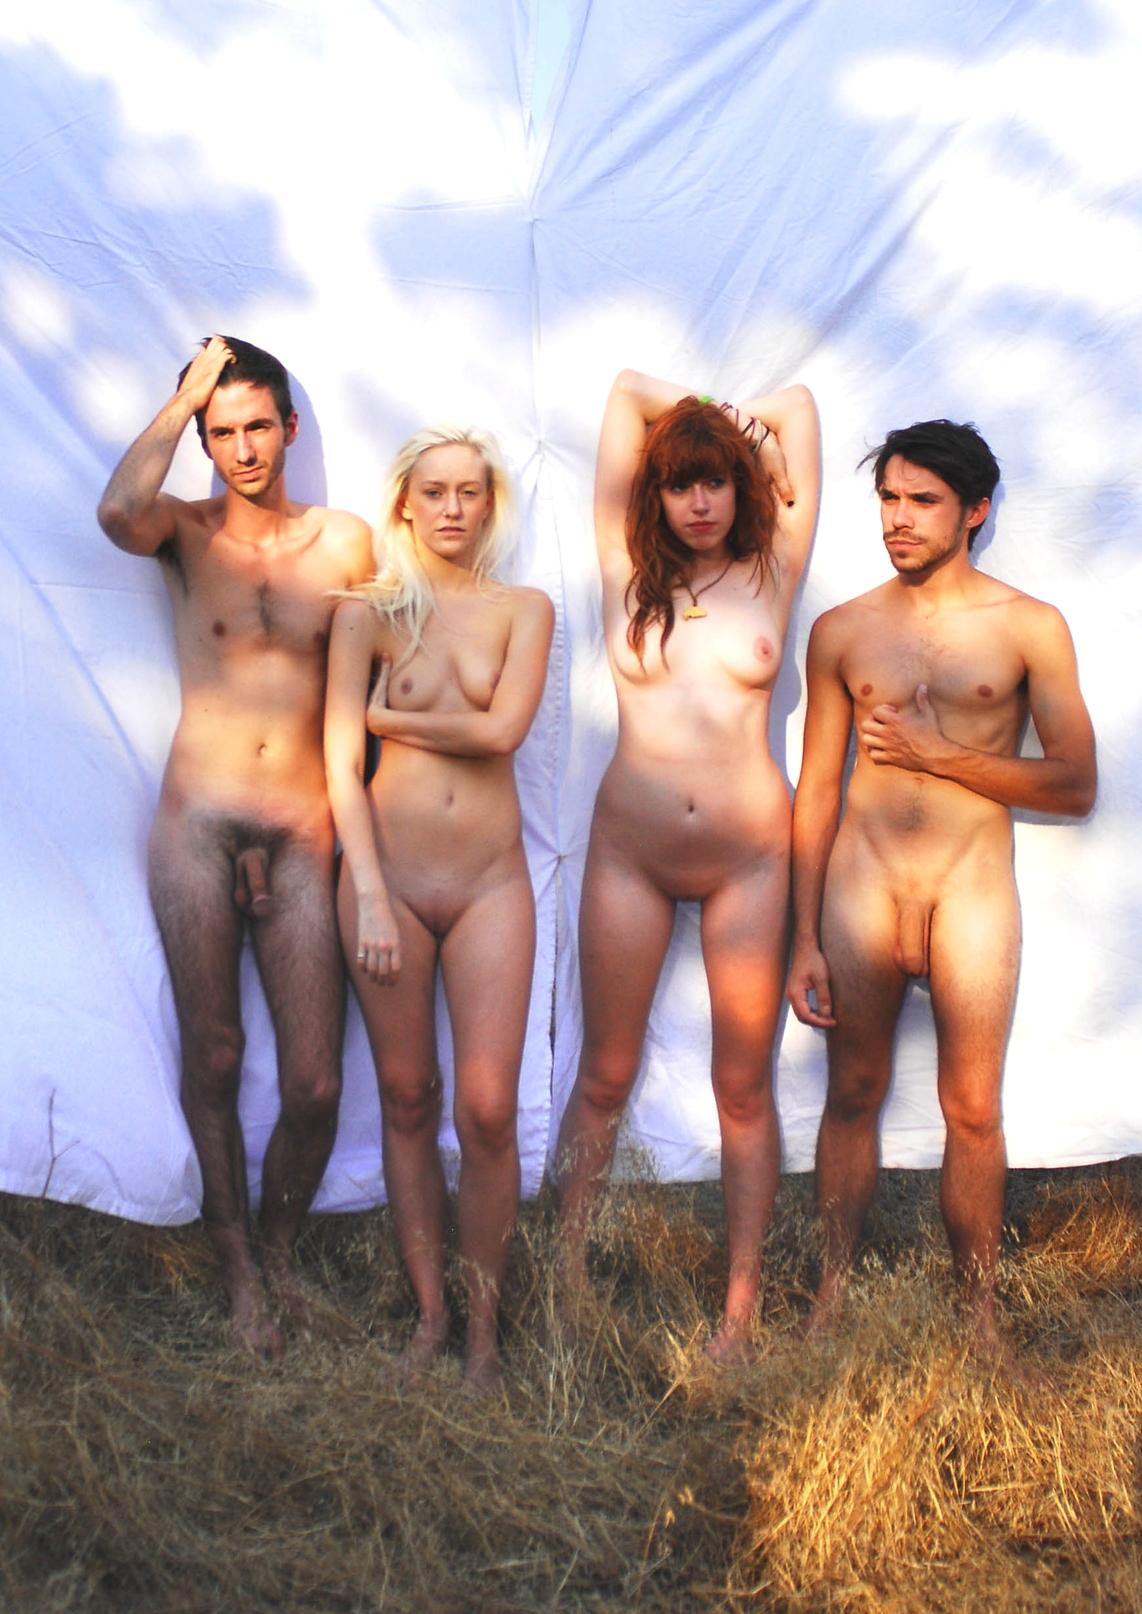 Mittelalter diebin nackt am pranger